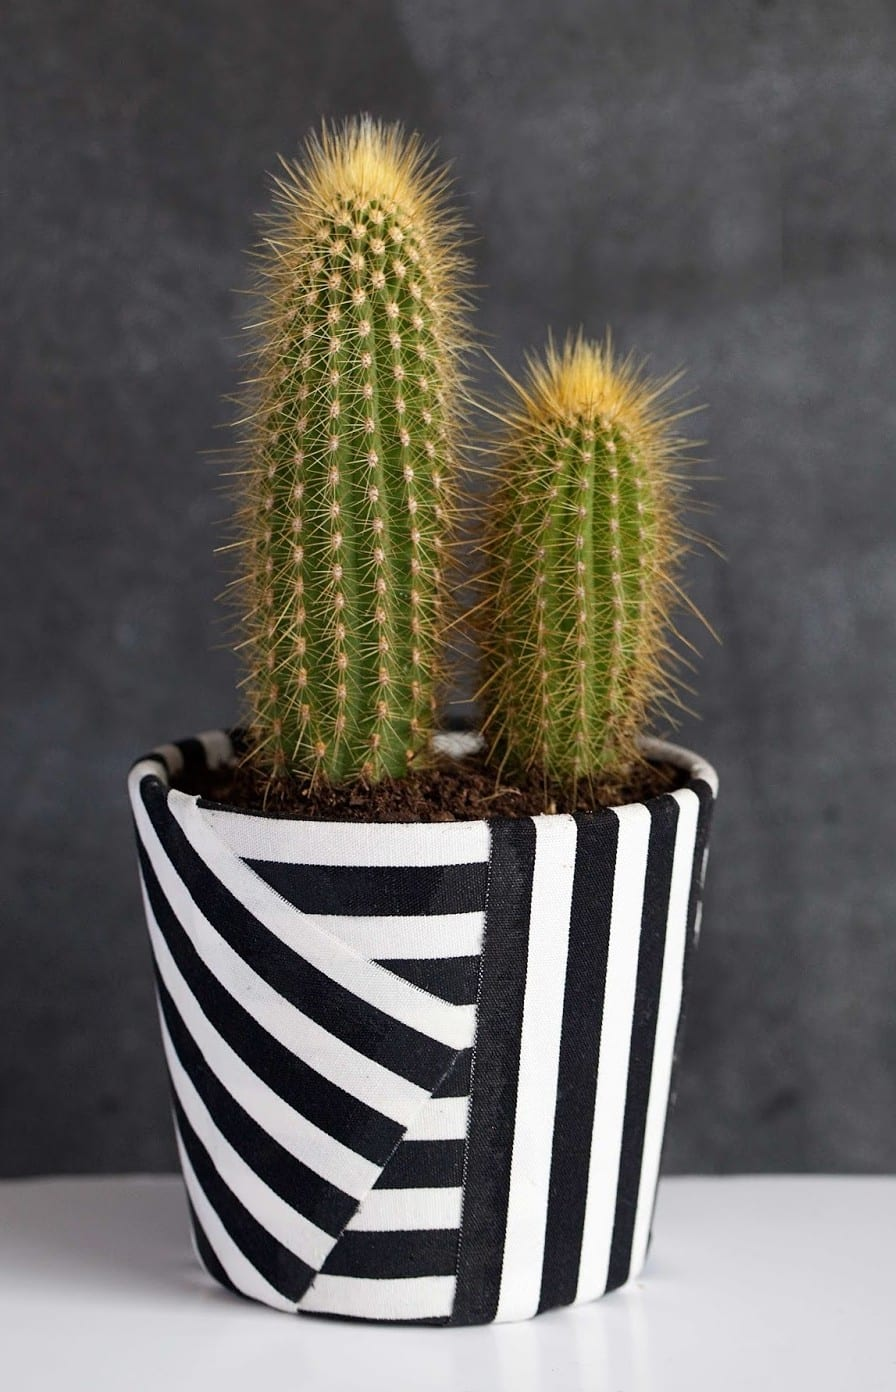 kreative dekoideen in schwarz weiß mit textil